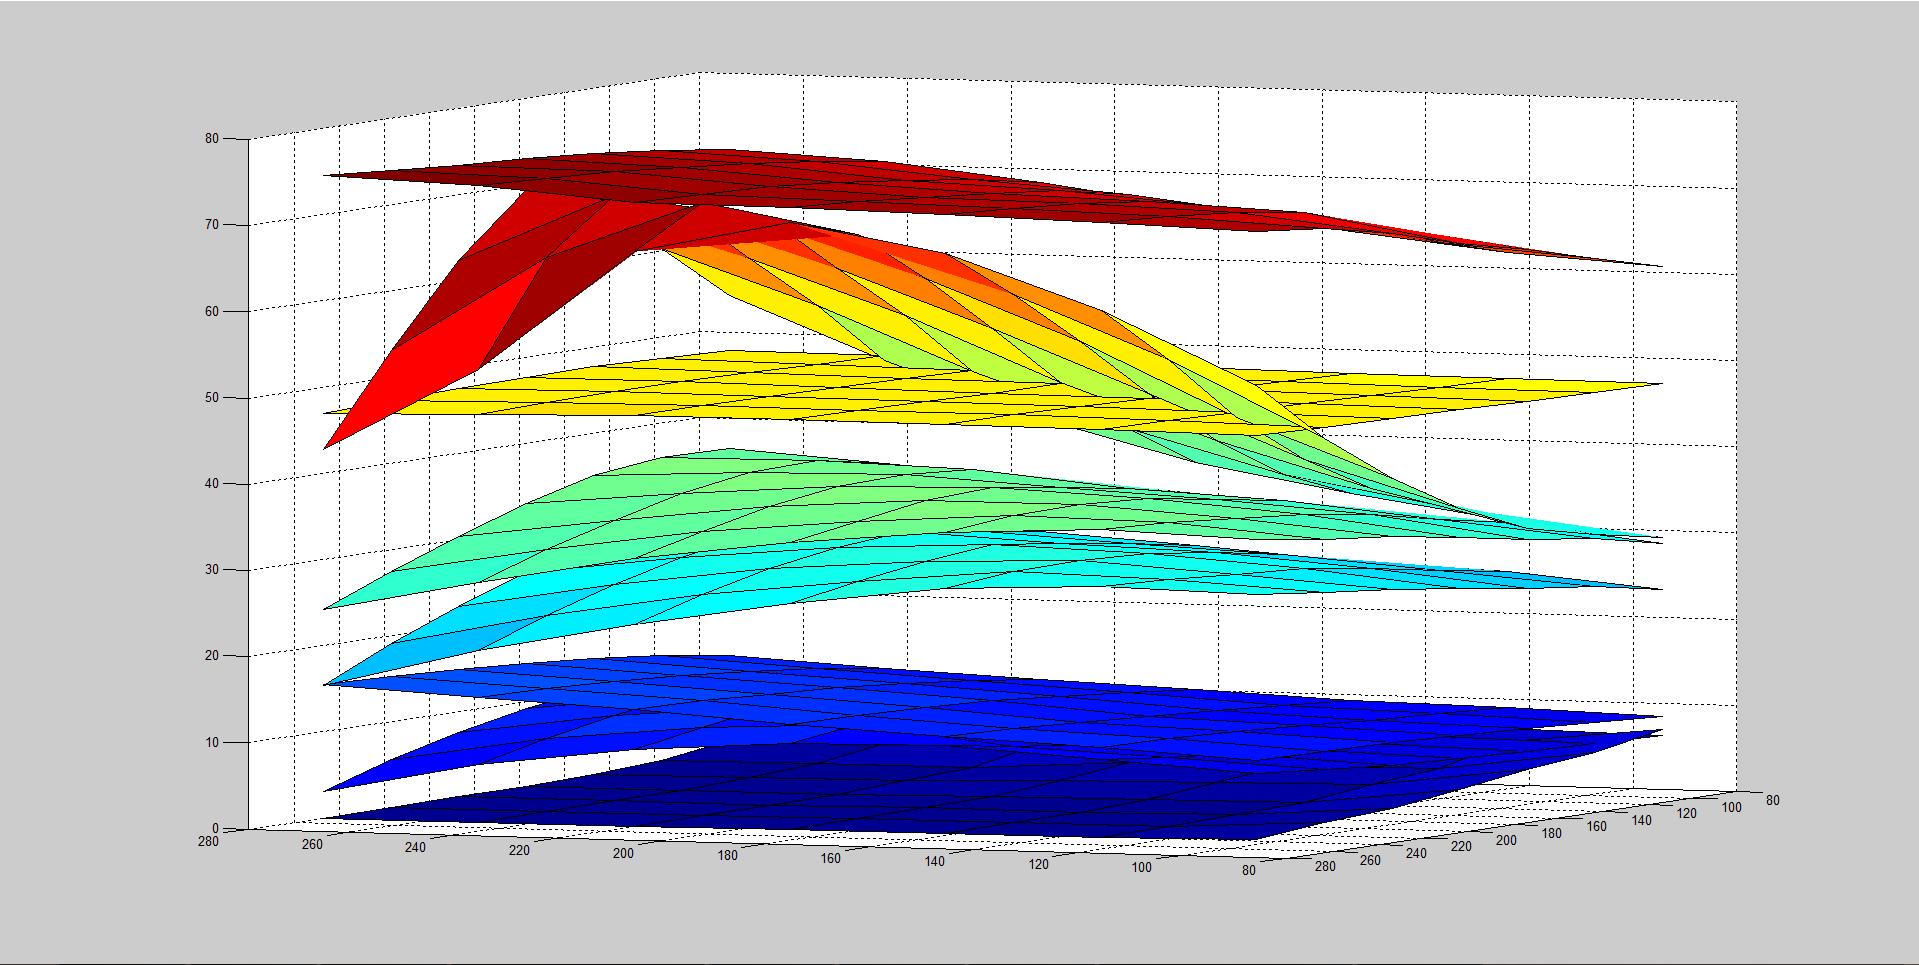 中药炮制数学模型应用与实验虚拟仿真软件